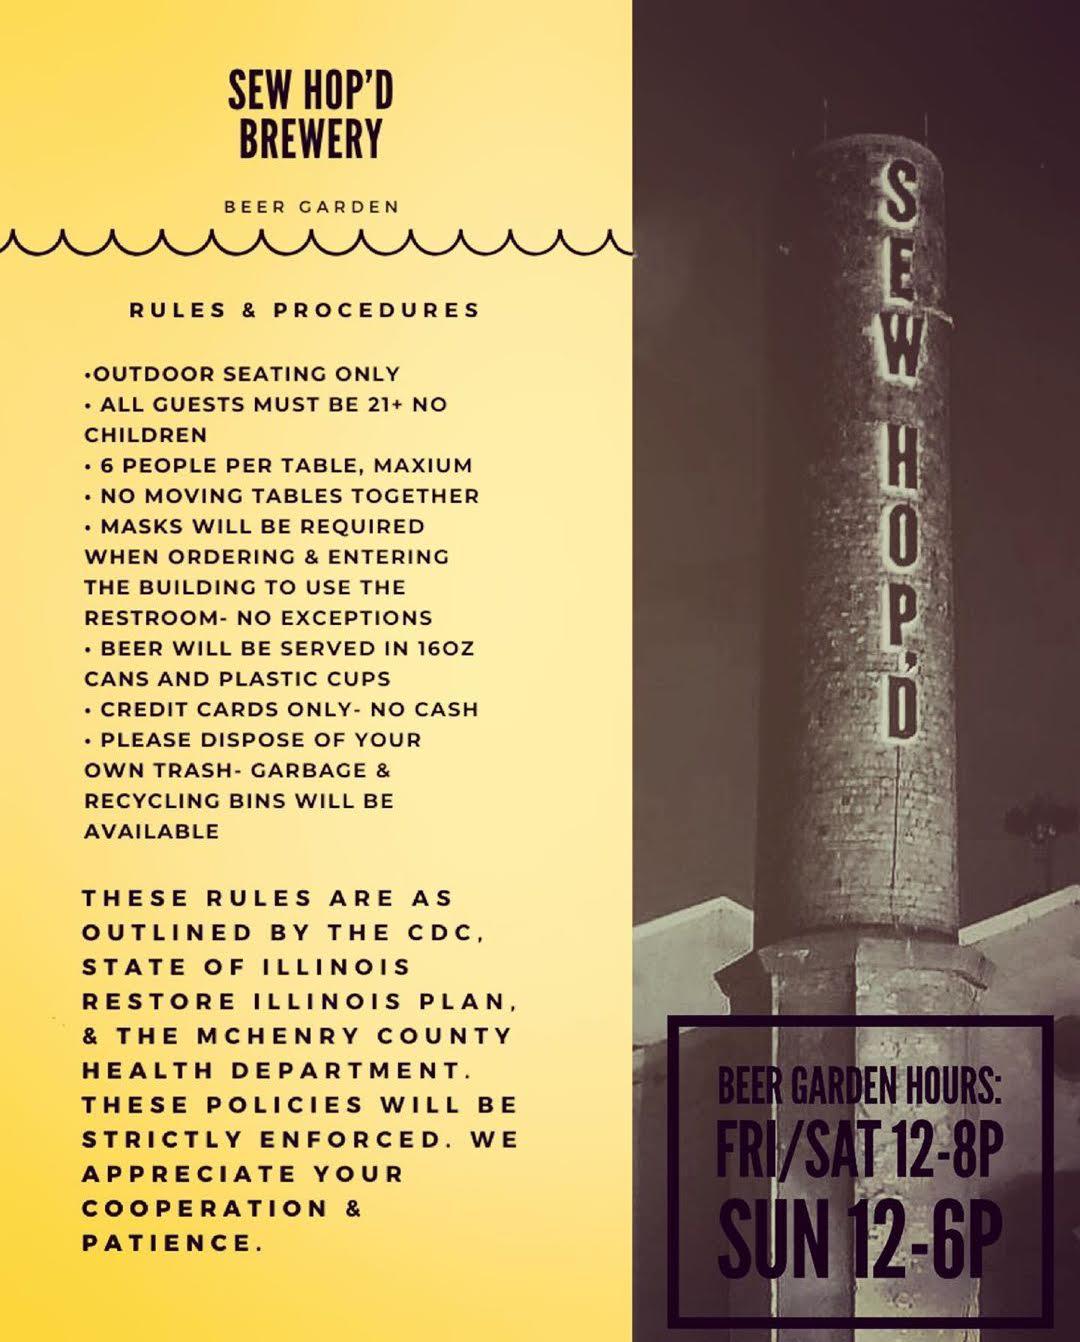 Sew Hop'd Brewing COVID19